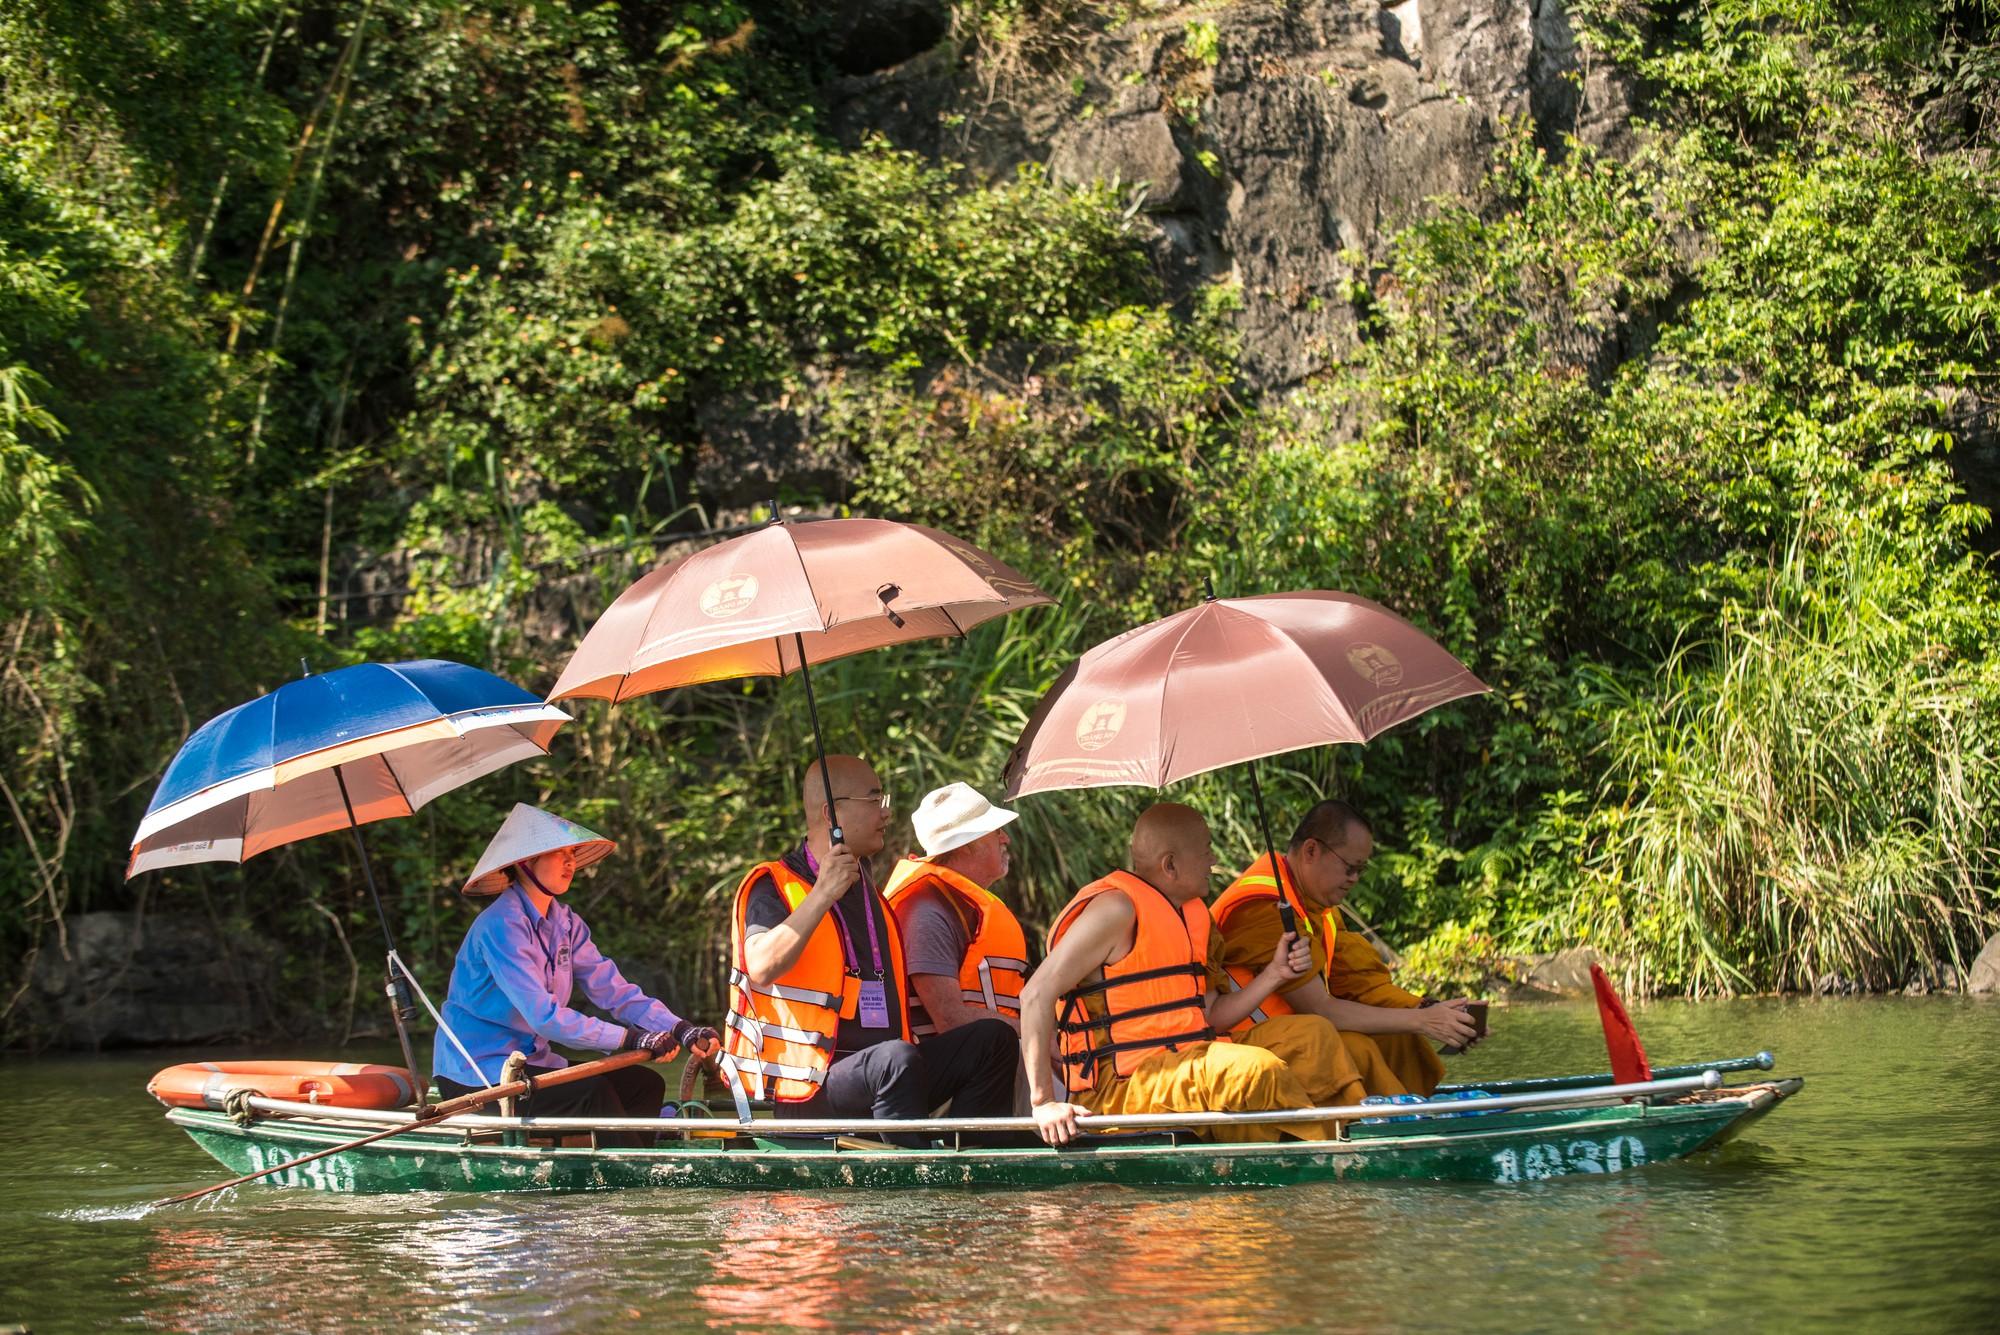 Vì sao các đại biểu quốc tế chọn Ninh Bình, Quảng Ninh, Lào Cai làm điểm đến sau Đại lễ Phật Đản Vesak 2019? - Ảnh 2.